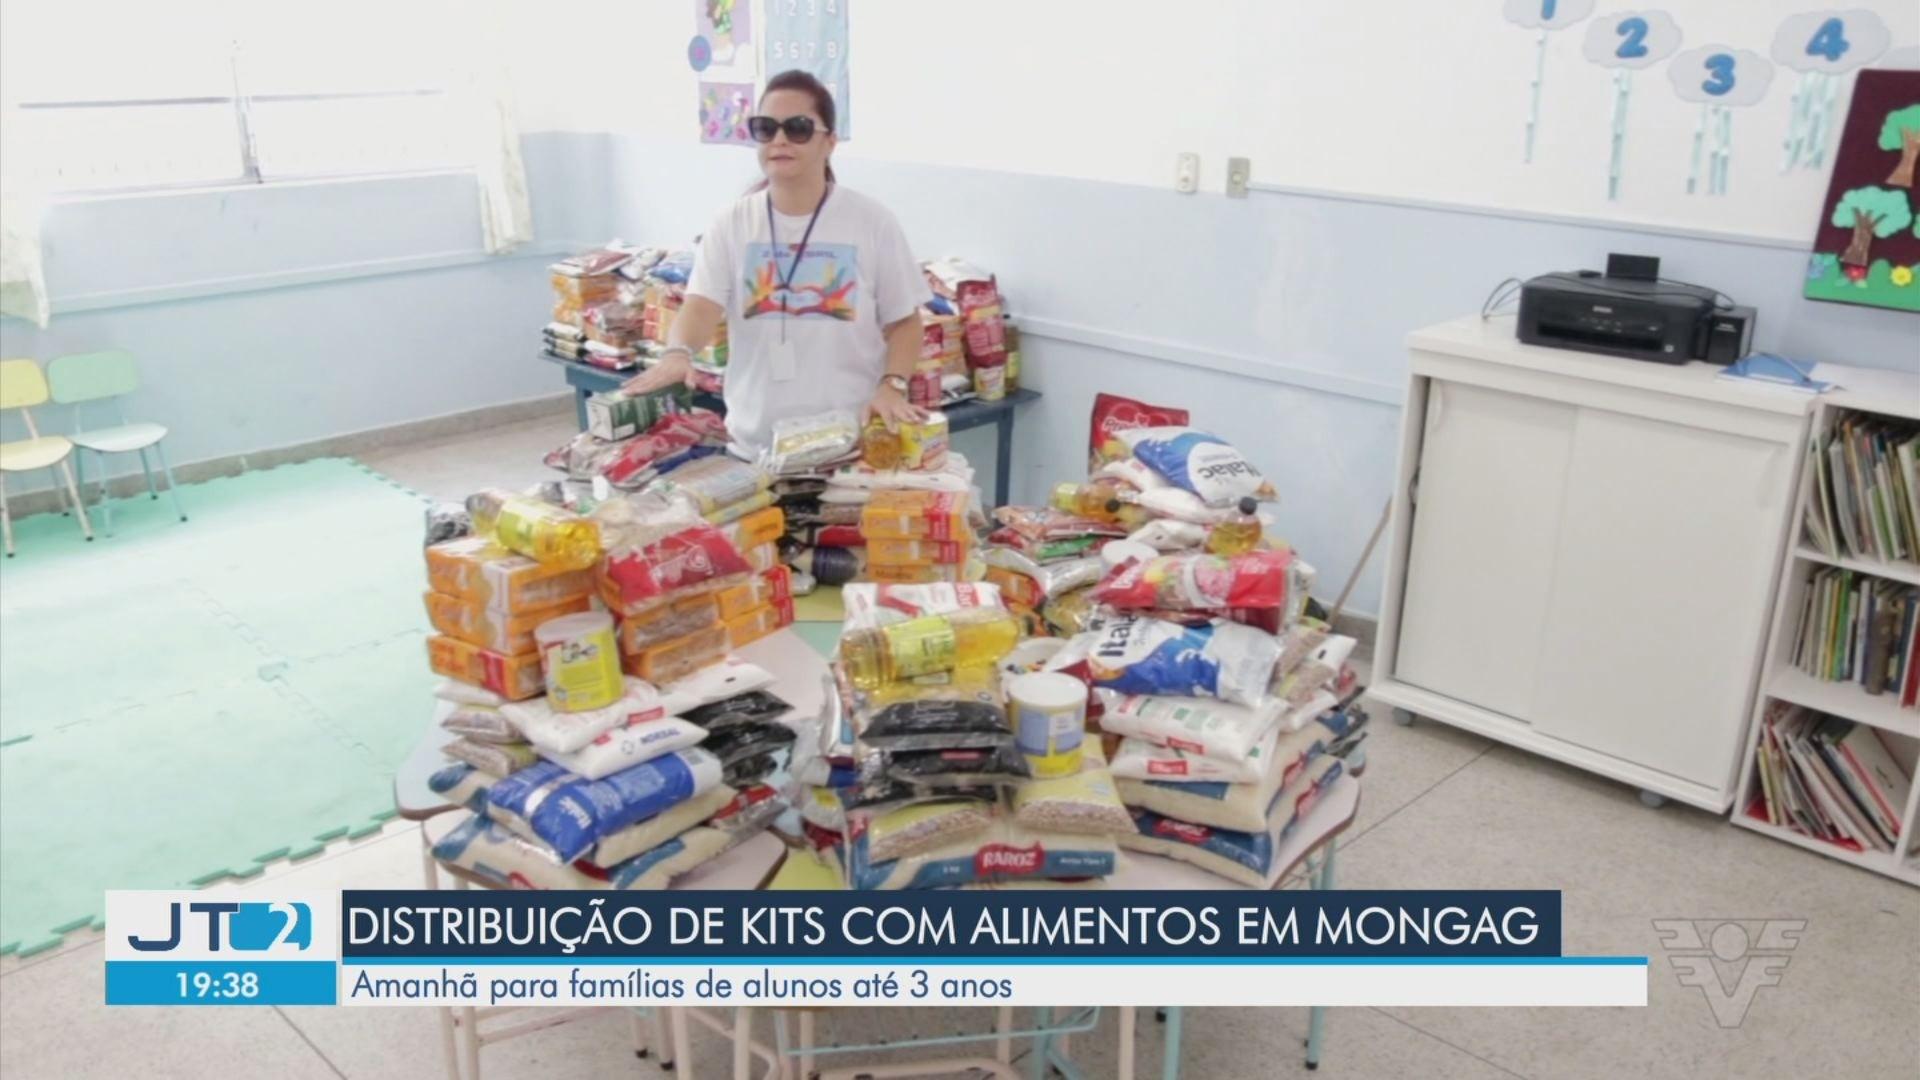 VÍDEOS: Jornal da Tribuna 2ª Edição de sexta-feira, 3 de abril